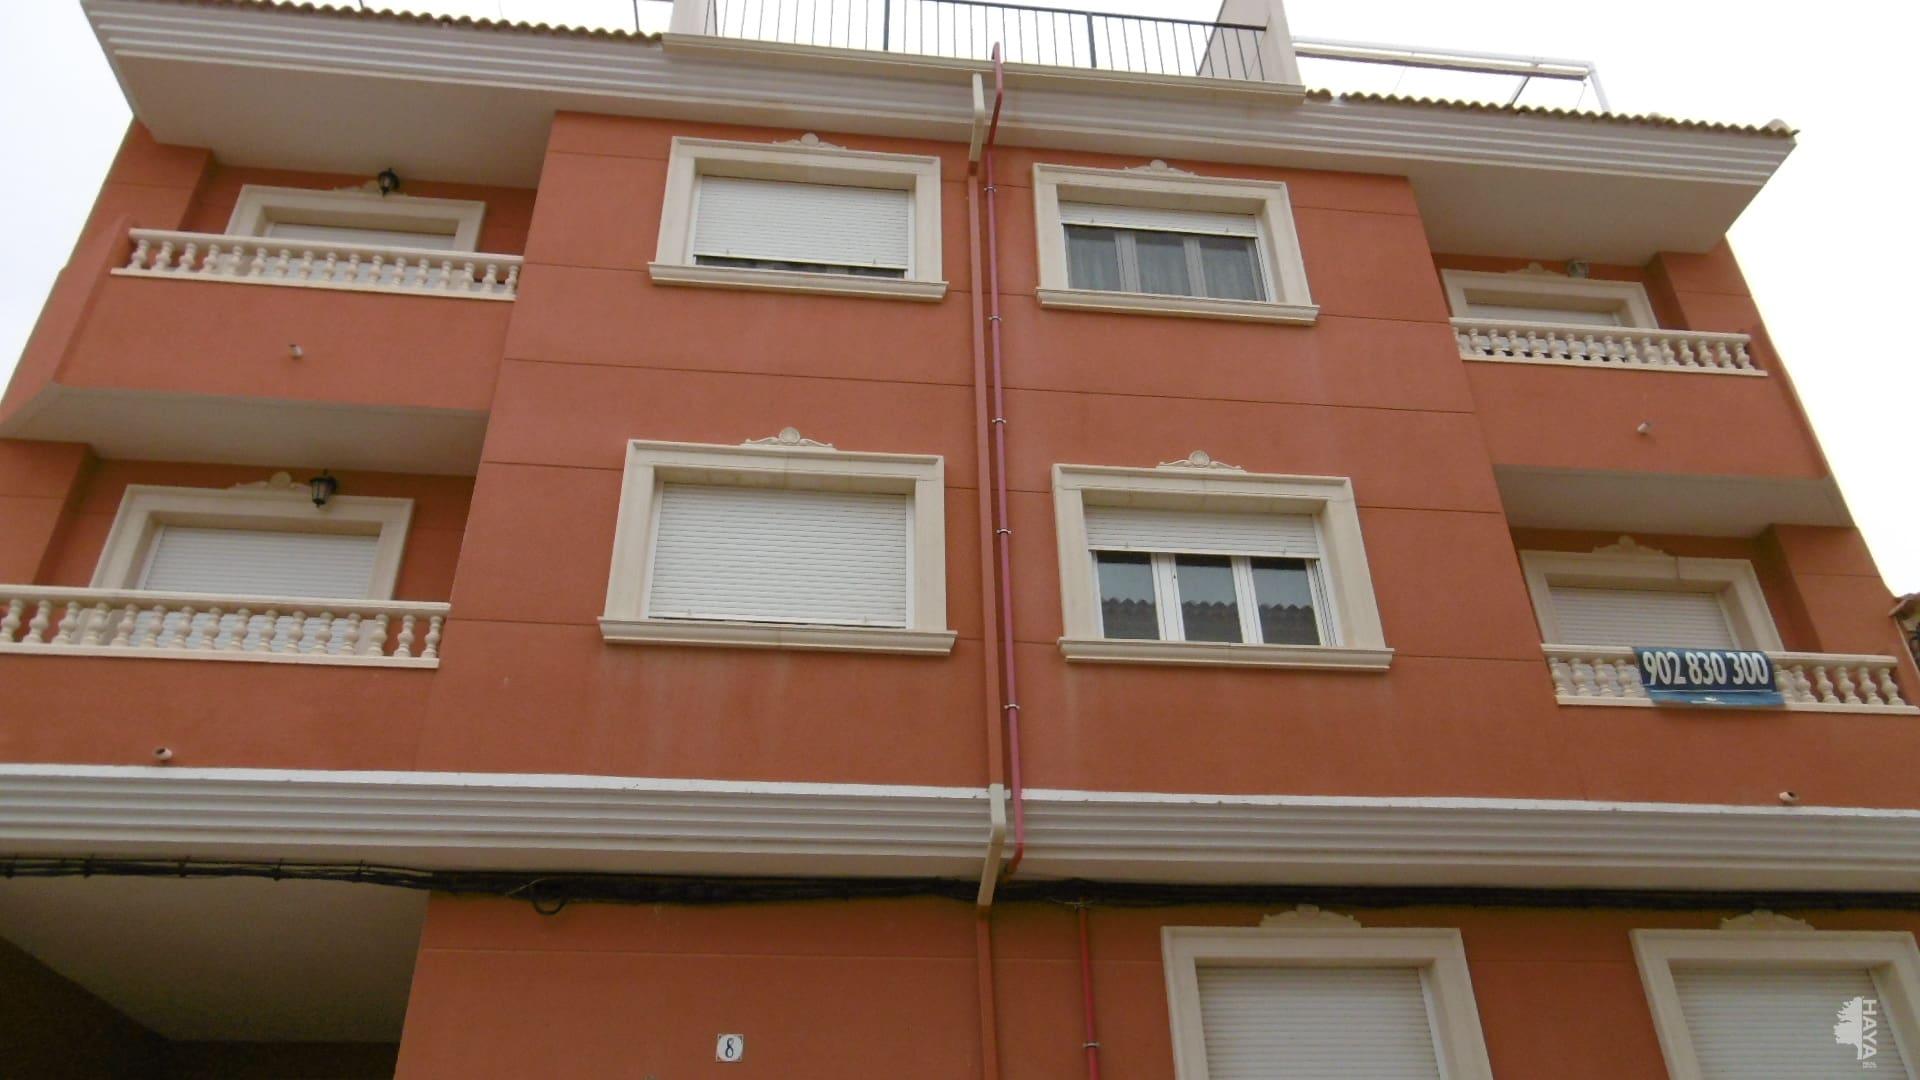 Piso en venta en Balazote, Albacete, Calle Cuesta del Rio, 73.000 €, 3 habitaciones, 2 baños, 114 m2